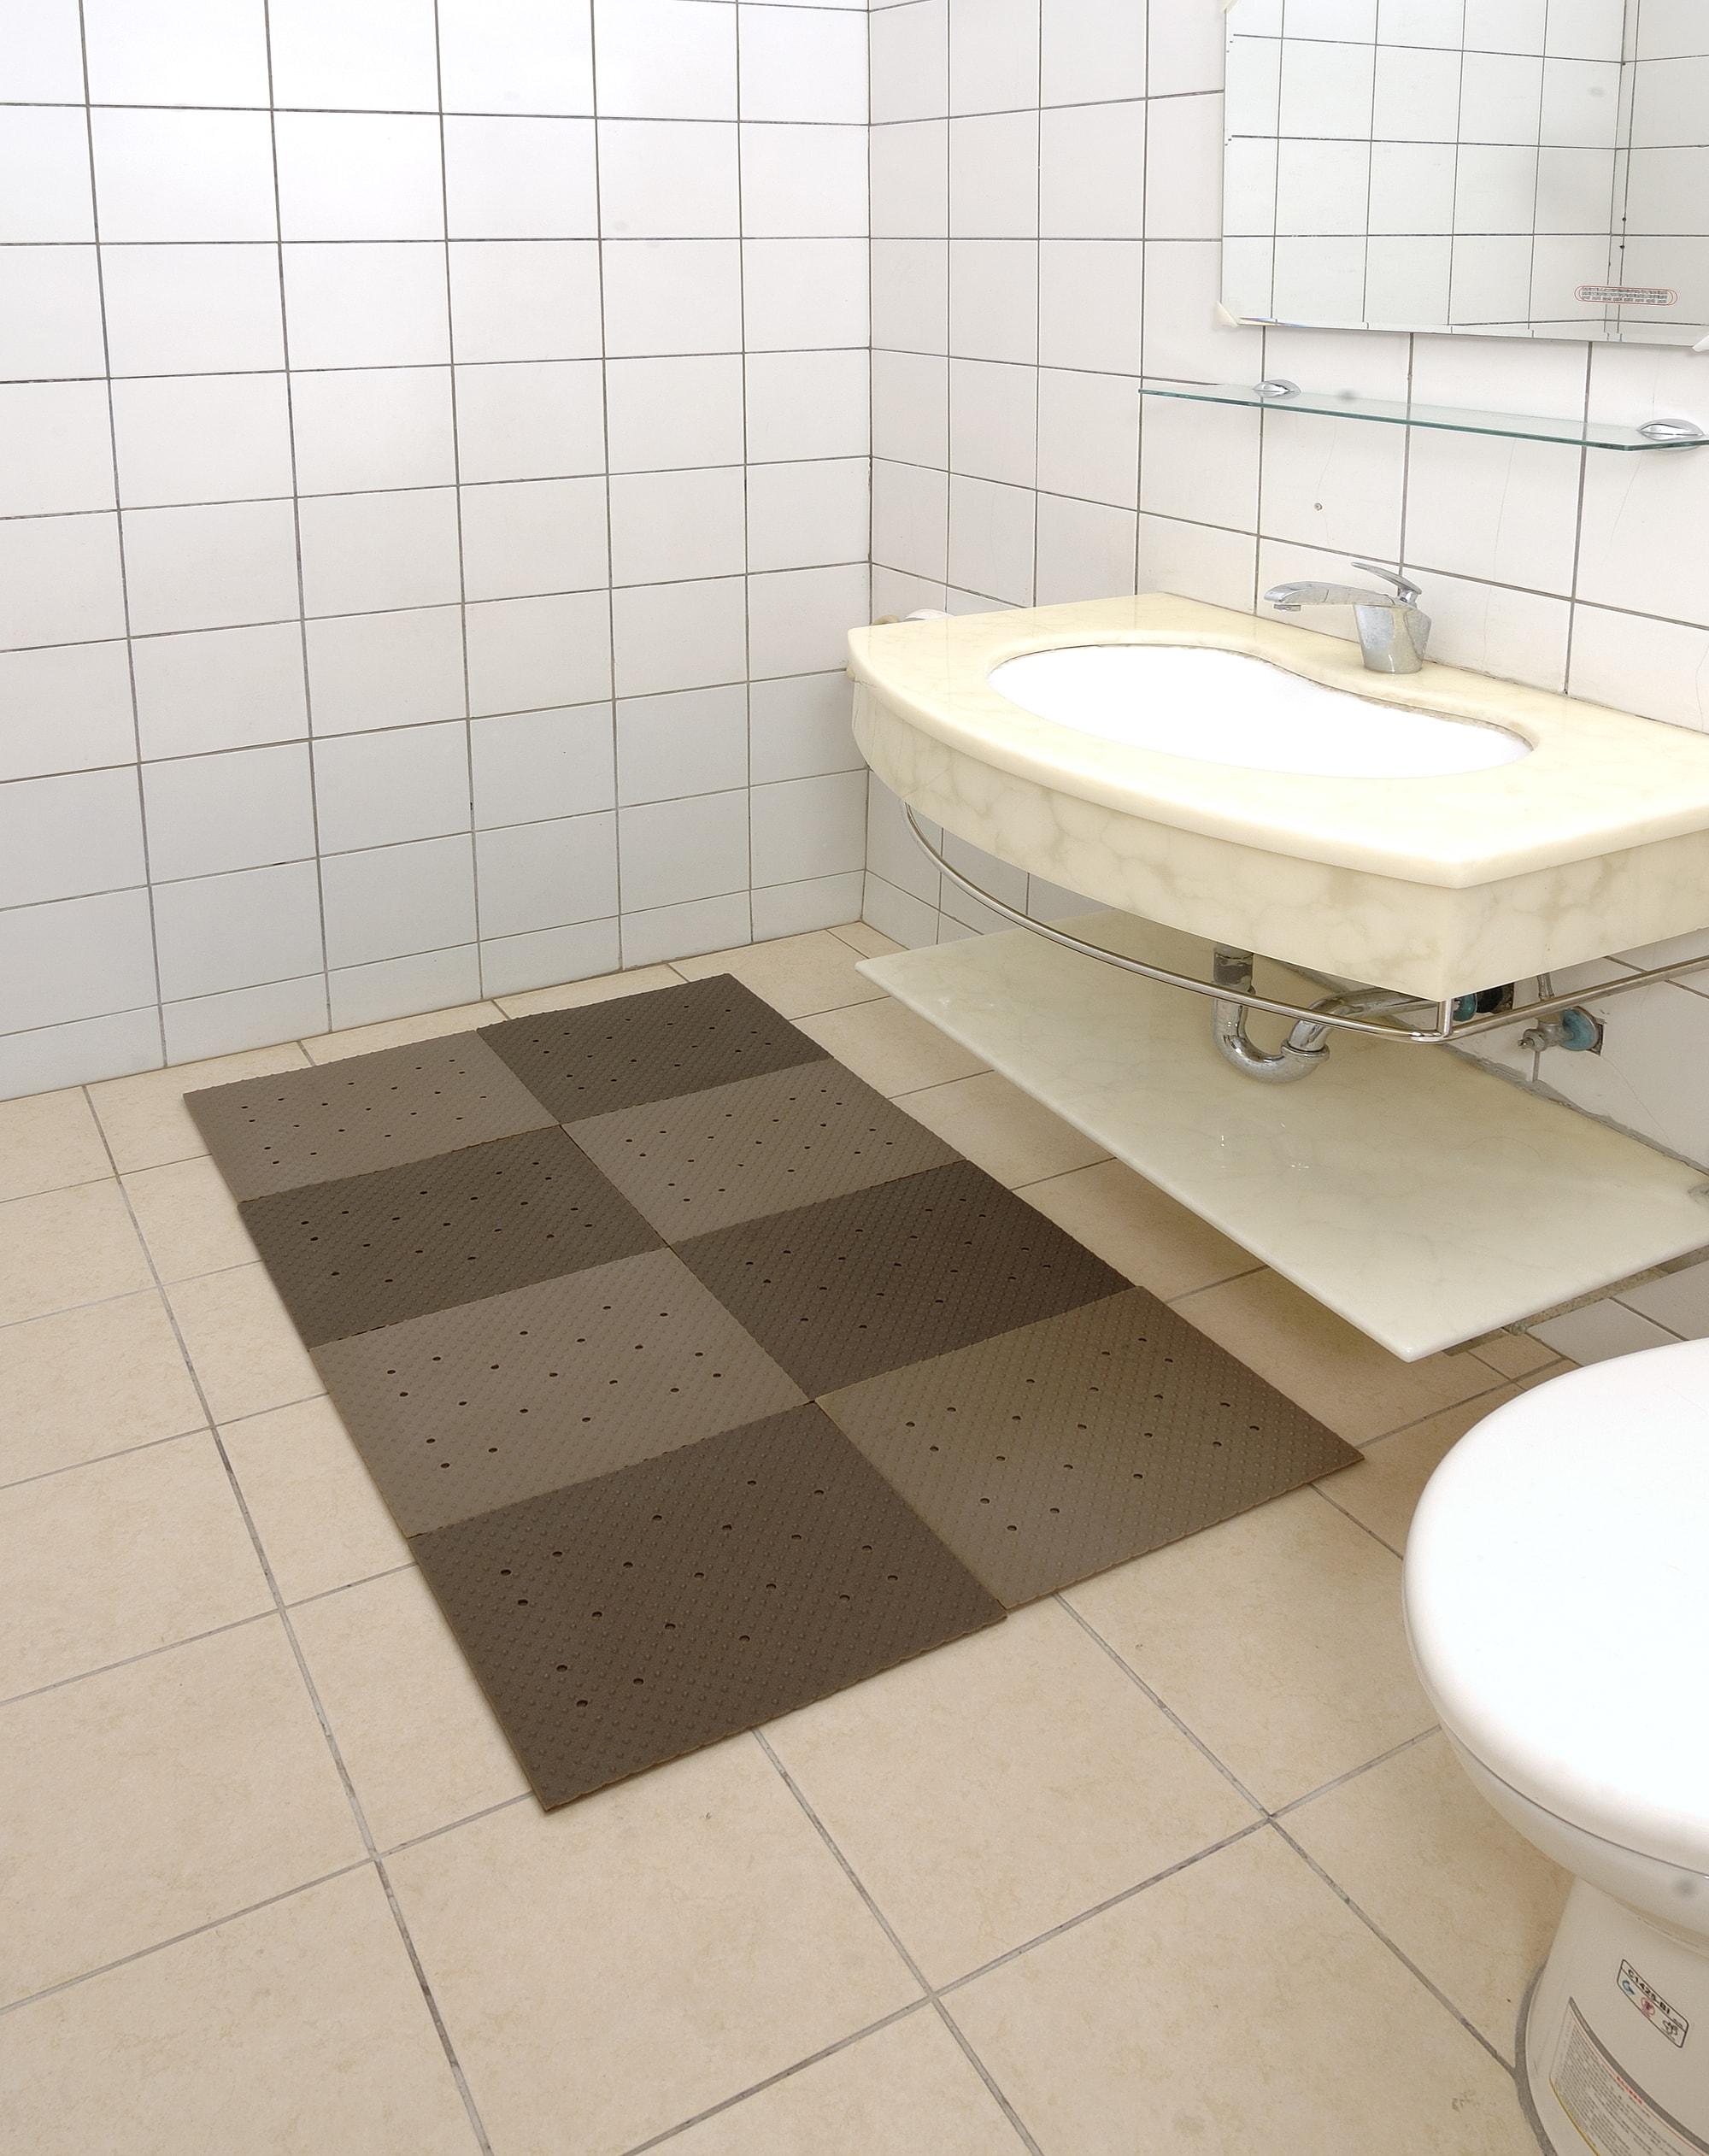 Taiwan Rubber Bath Mat | SAM BO RUBBER CO., LTD. | Taiwantrade.com